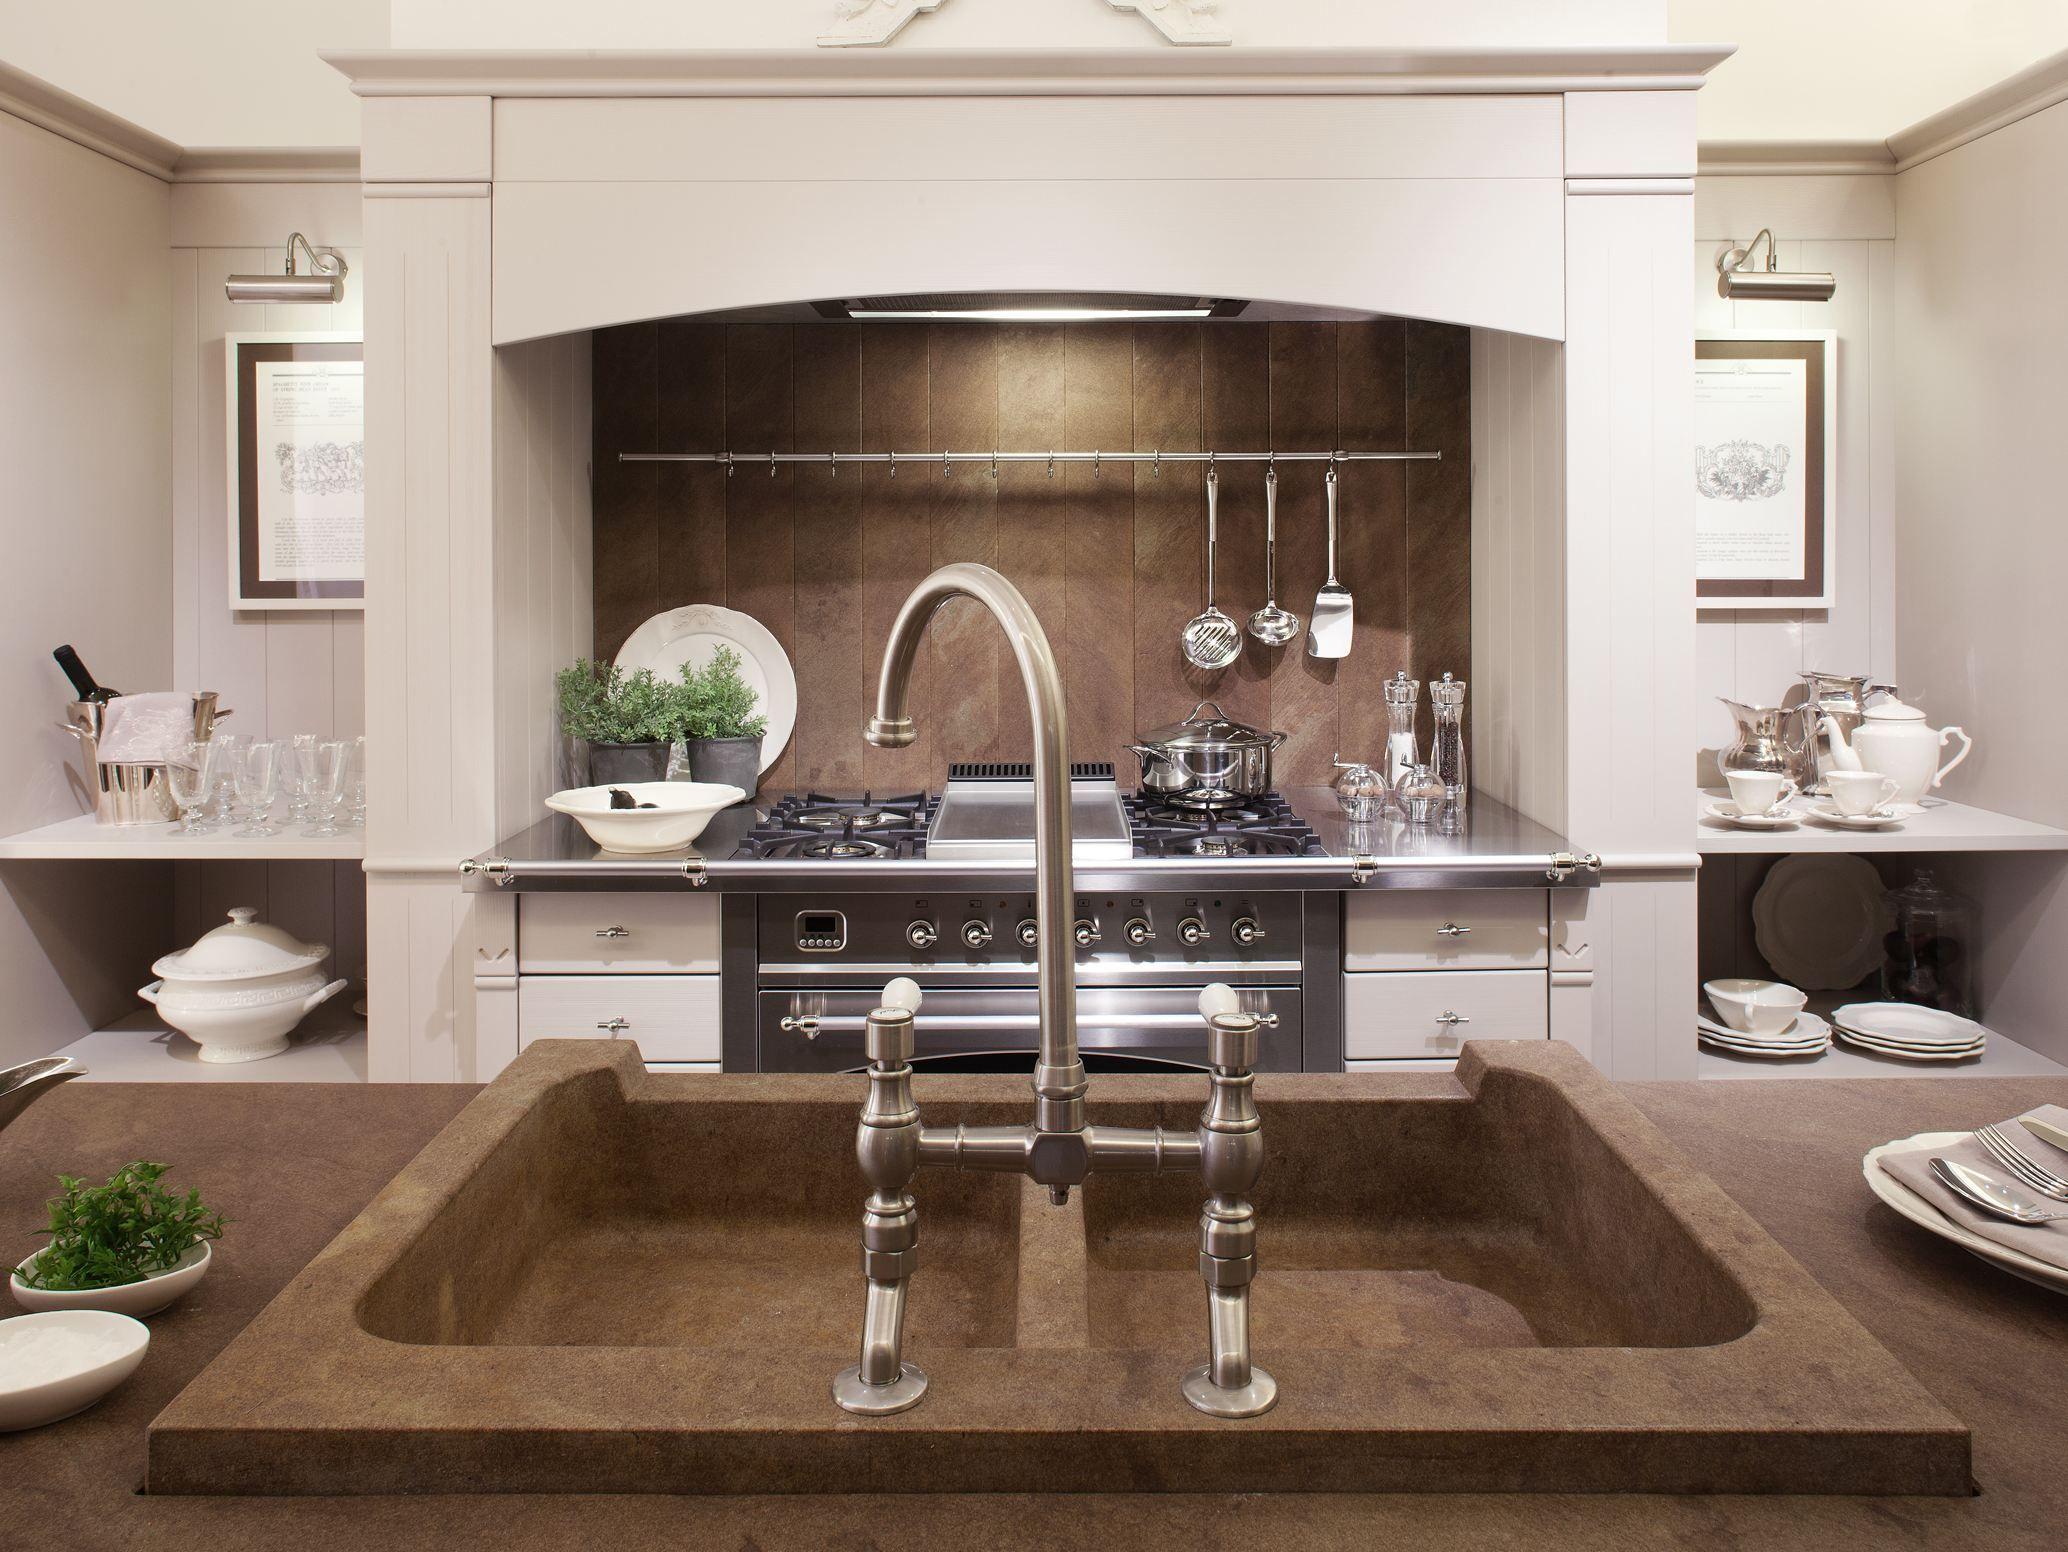 Cucina in legno spazzolato english mood by minacciolo - Mensole cucina country ...